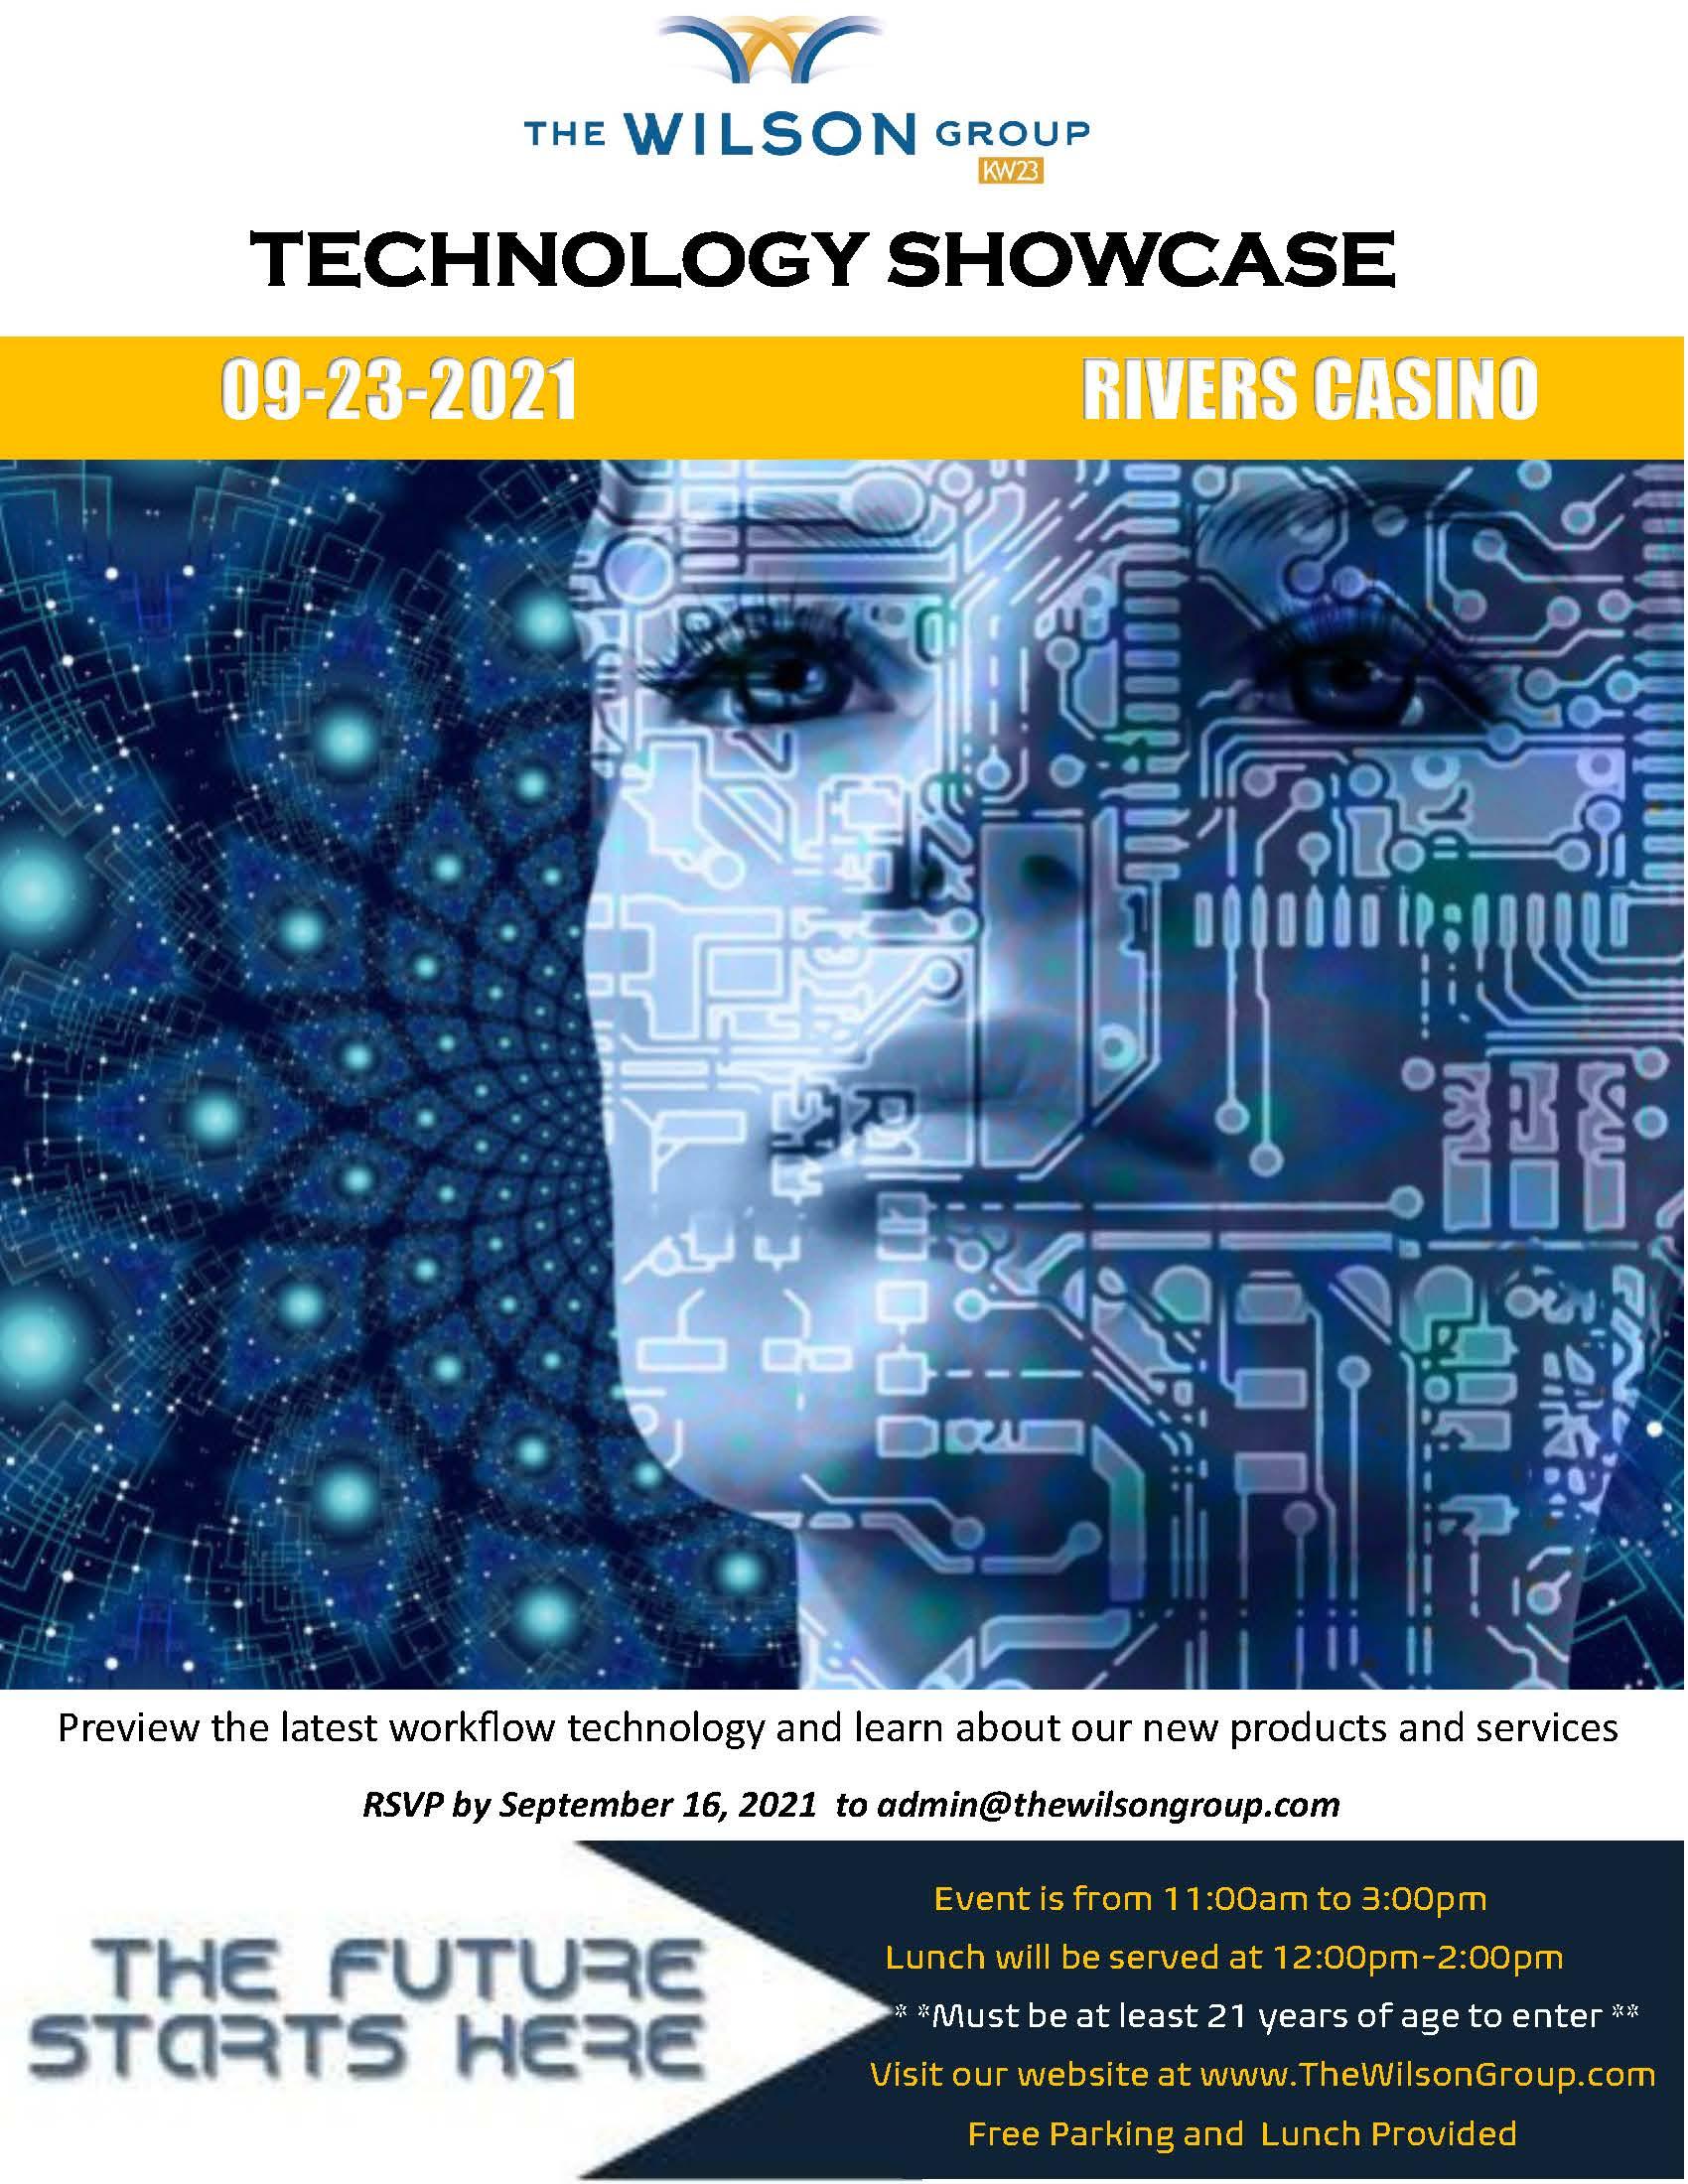 TWG tech show 2021